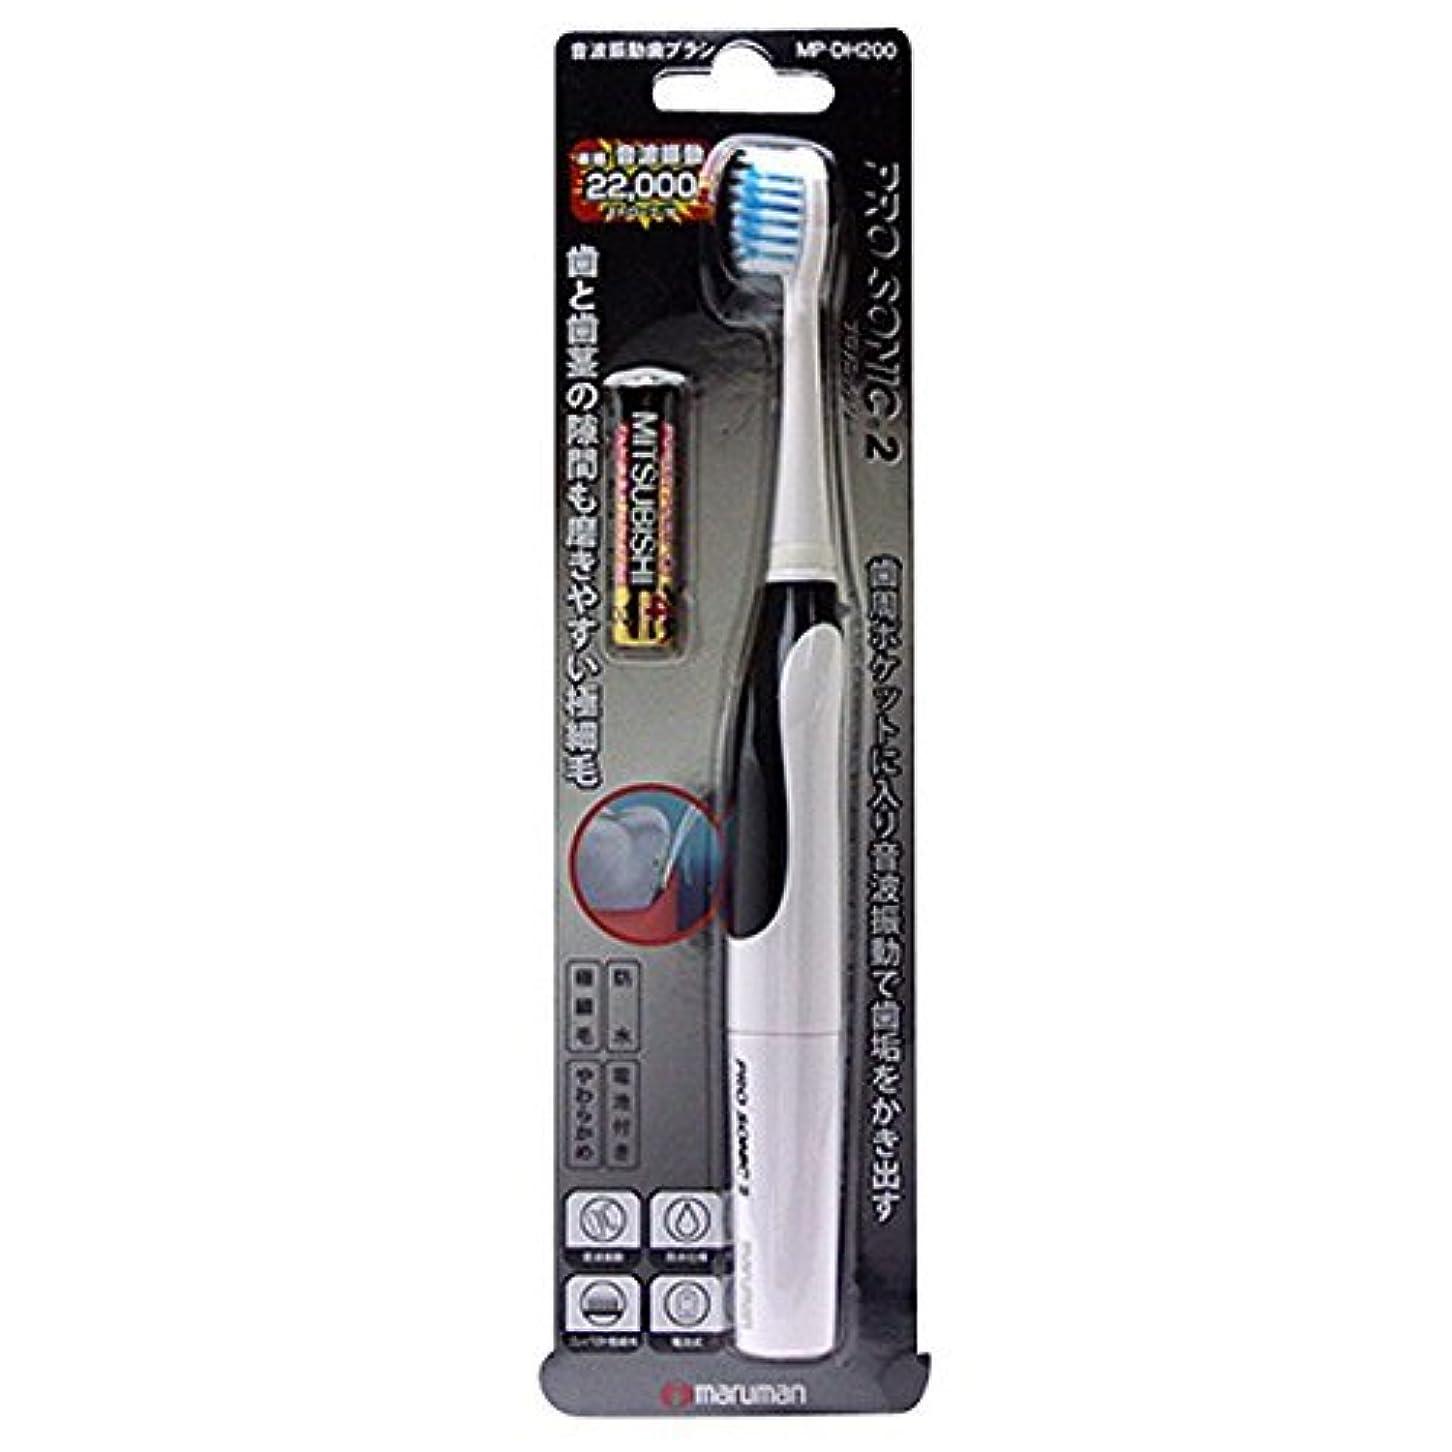 絶滅把握森音波振動歯ブラシ PROSONIC2(プロソニック ツー) MP-DH200BK ブラック